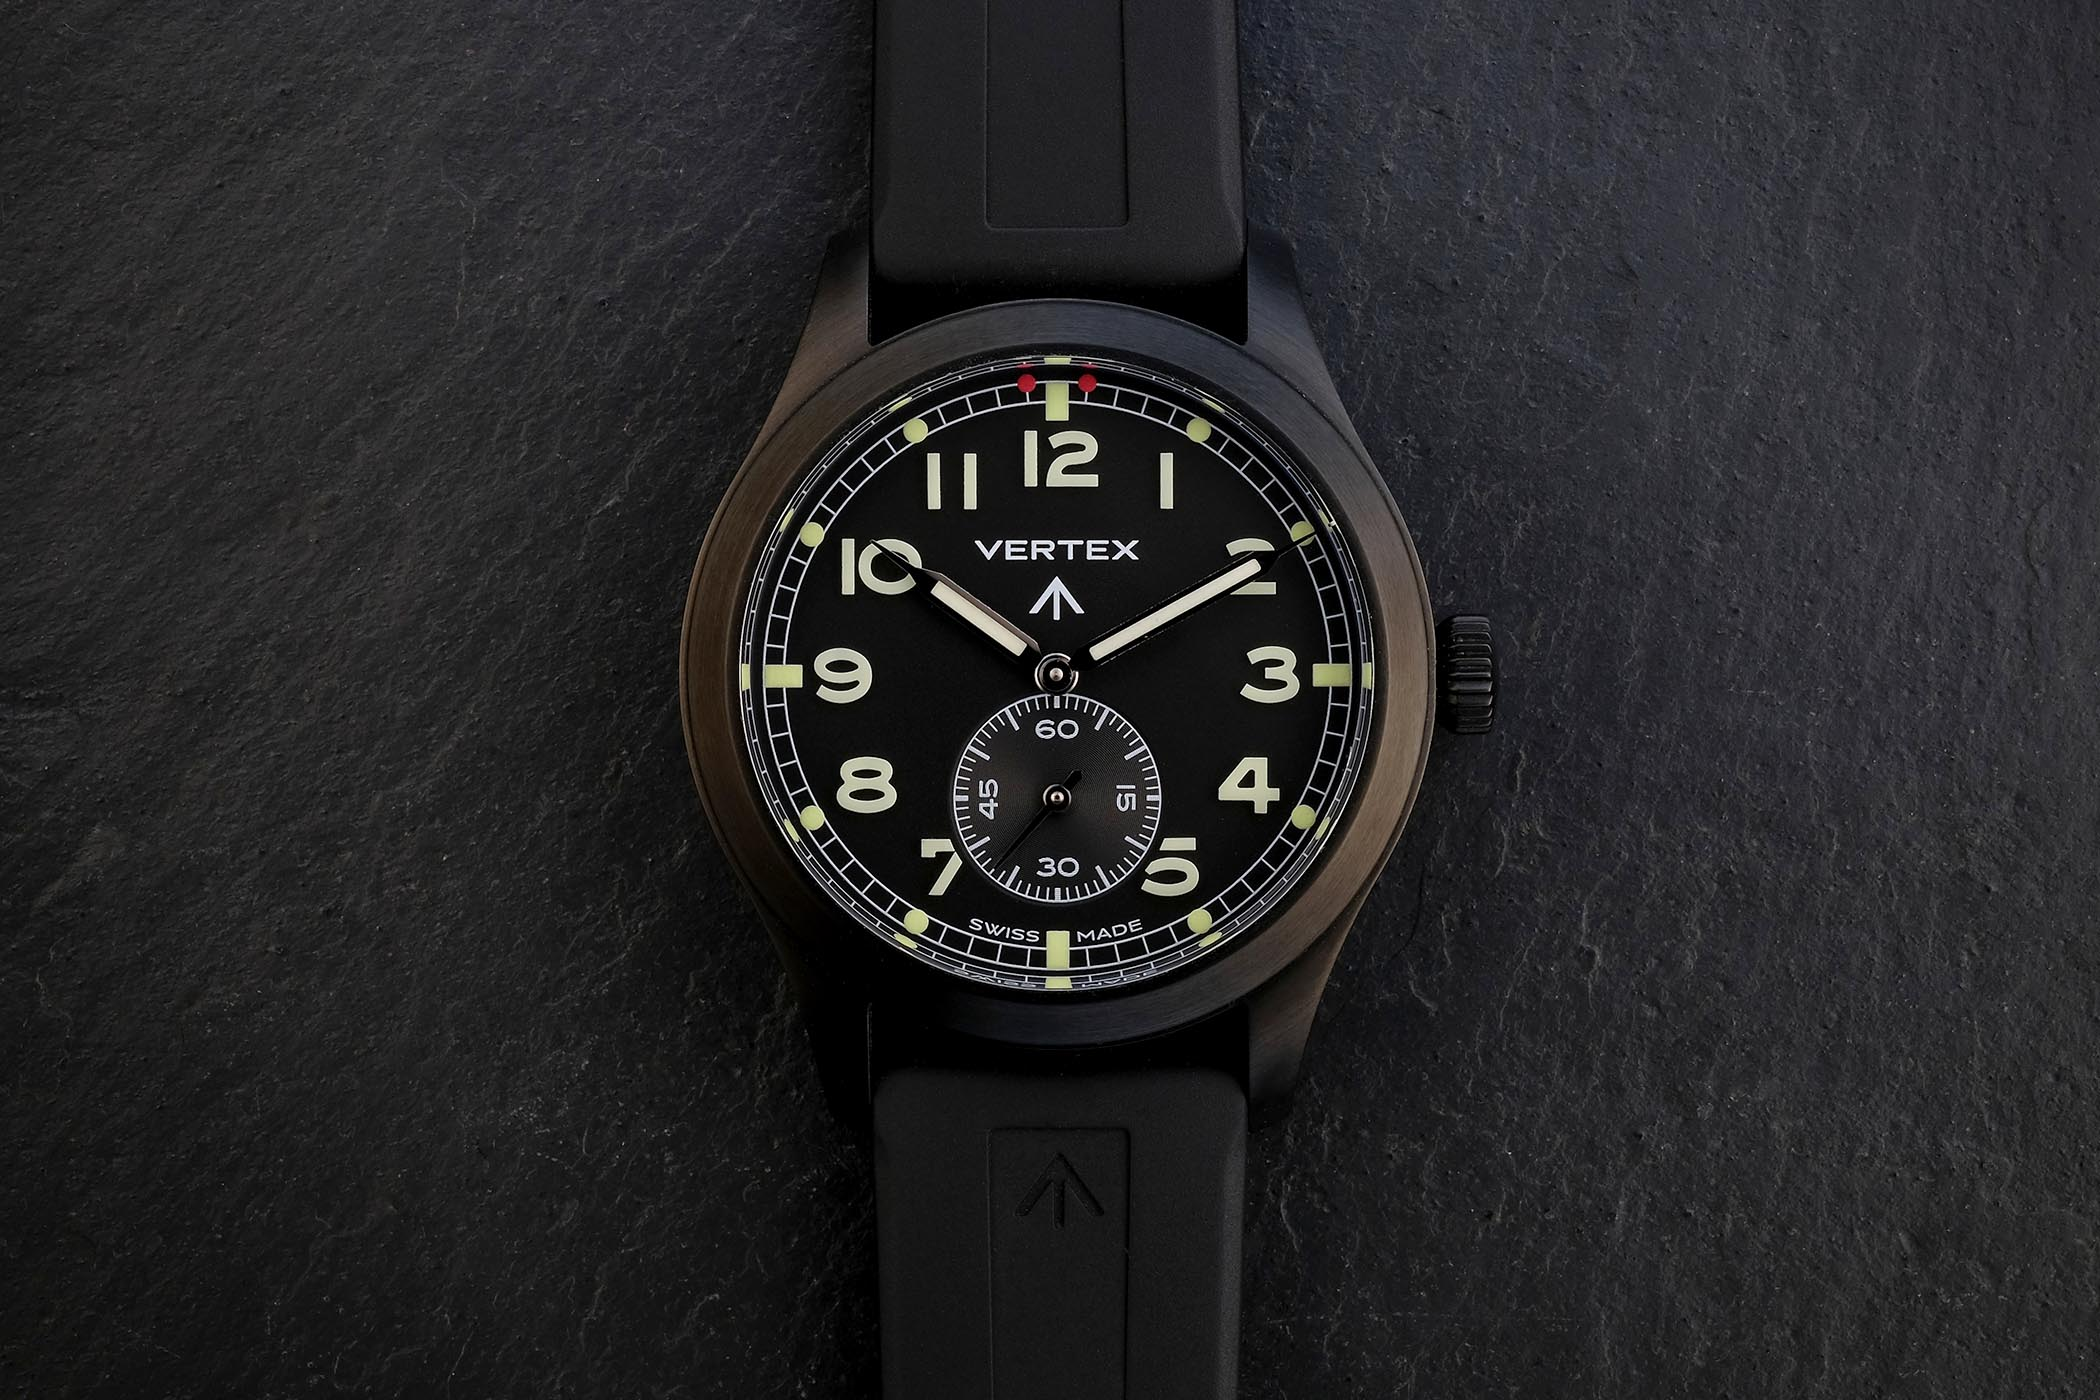 Vertex M100B black DLC Dirty Dozen Military British Watch